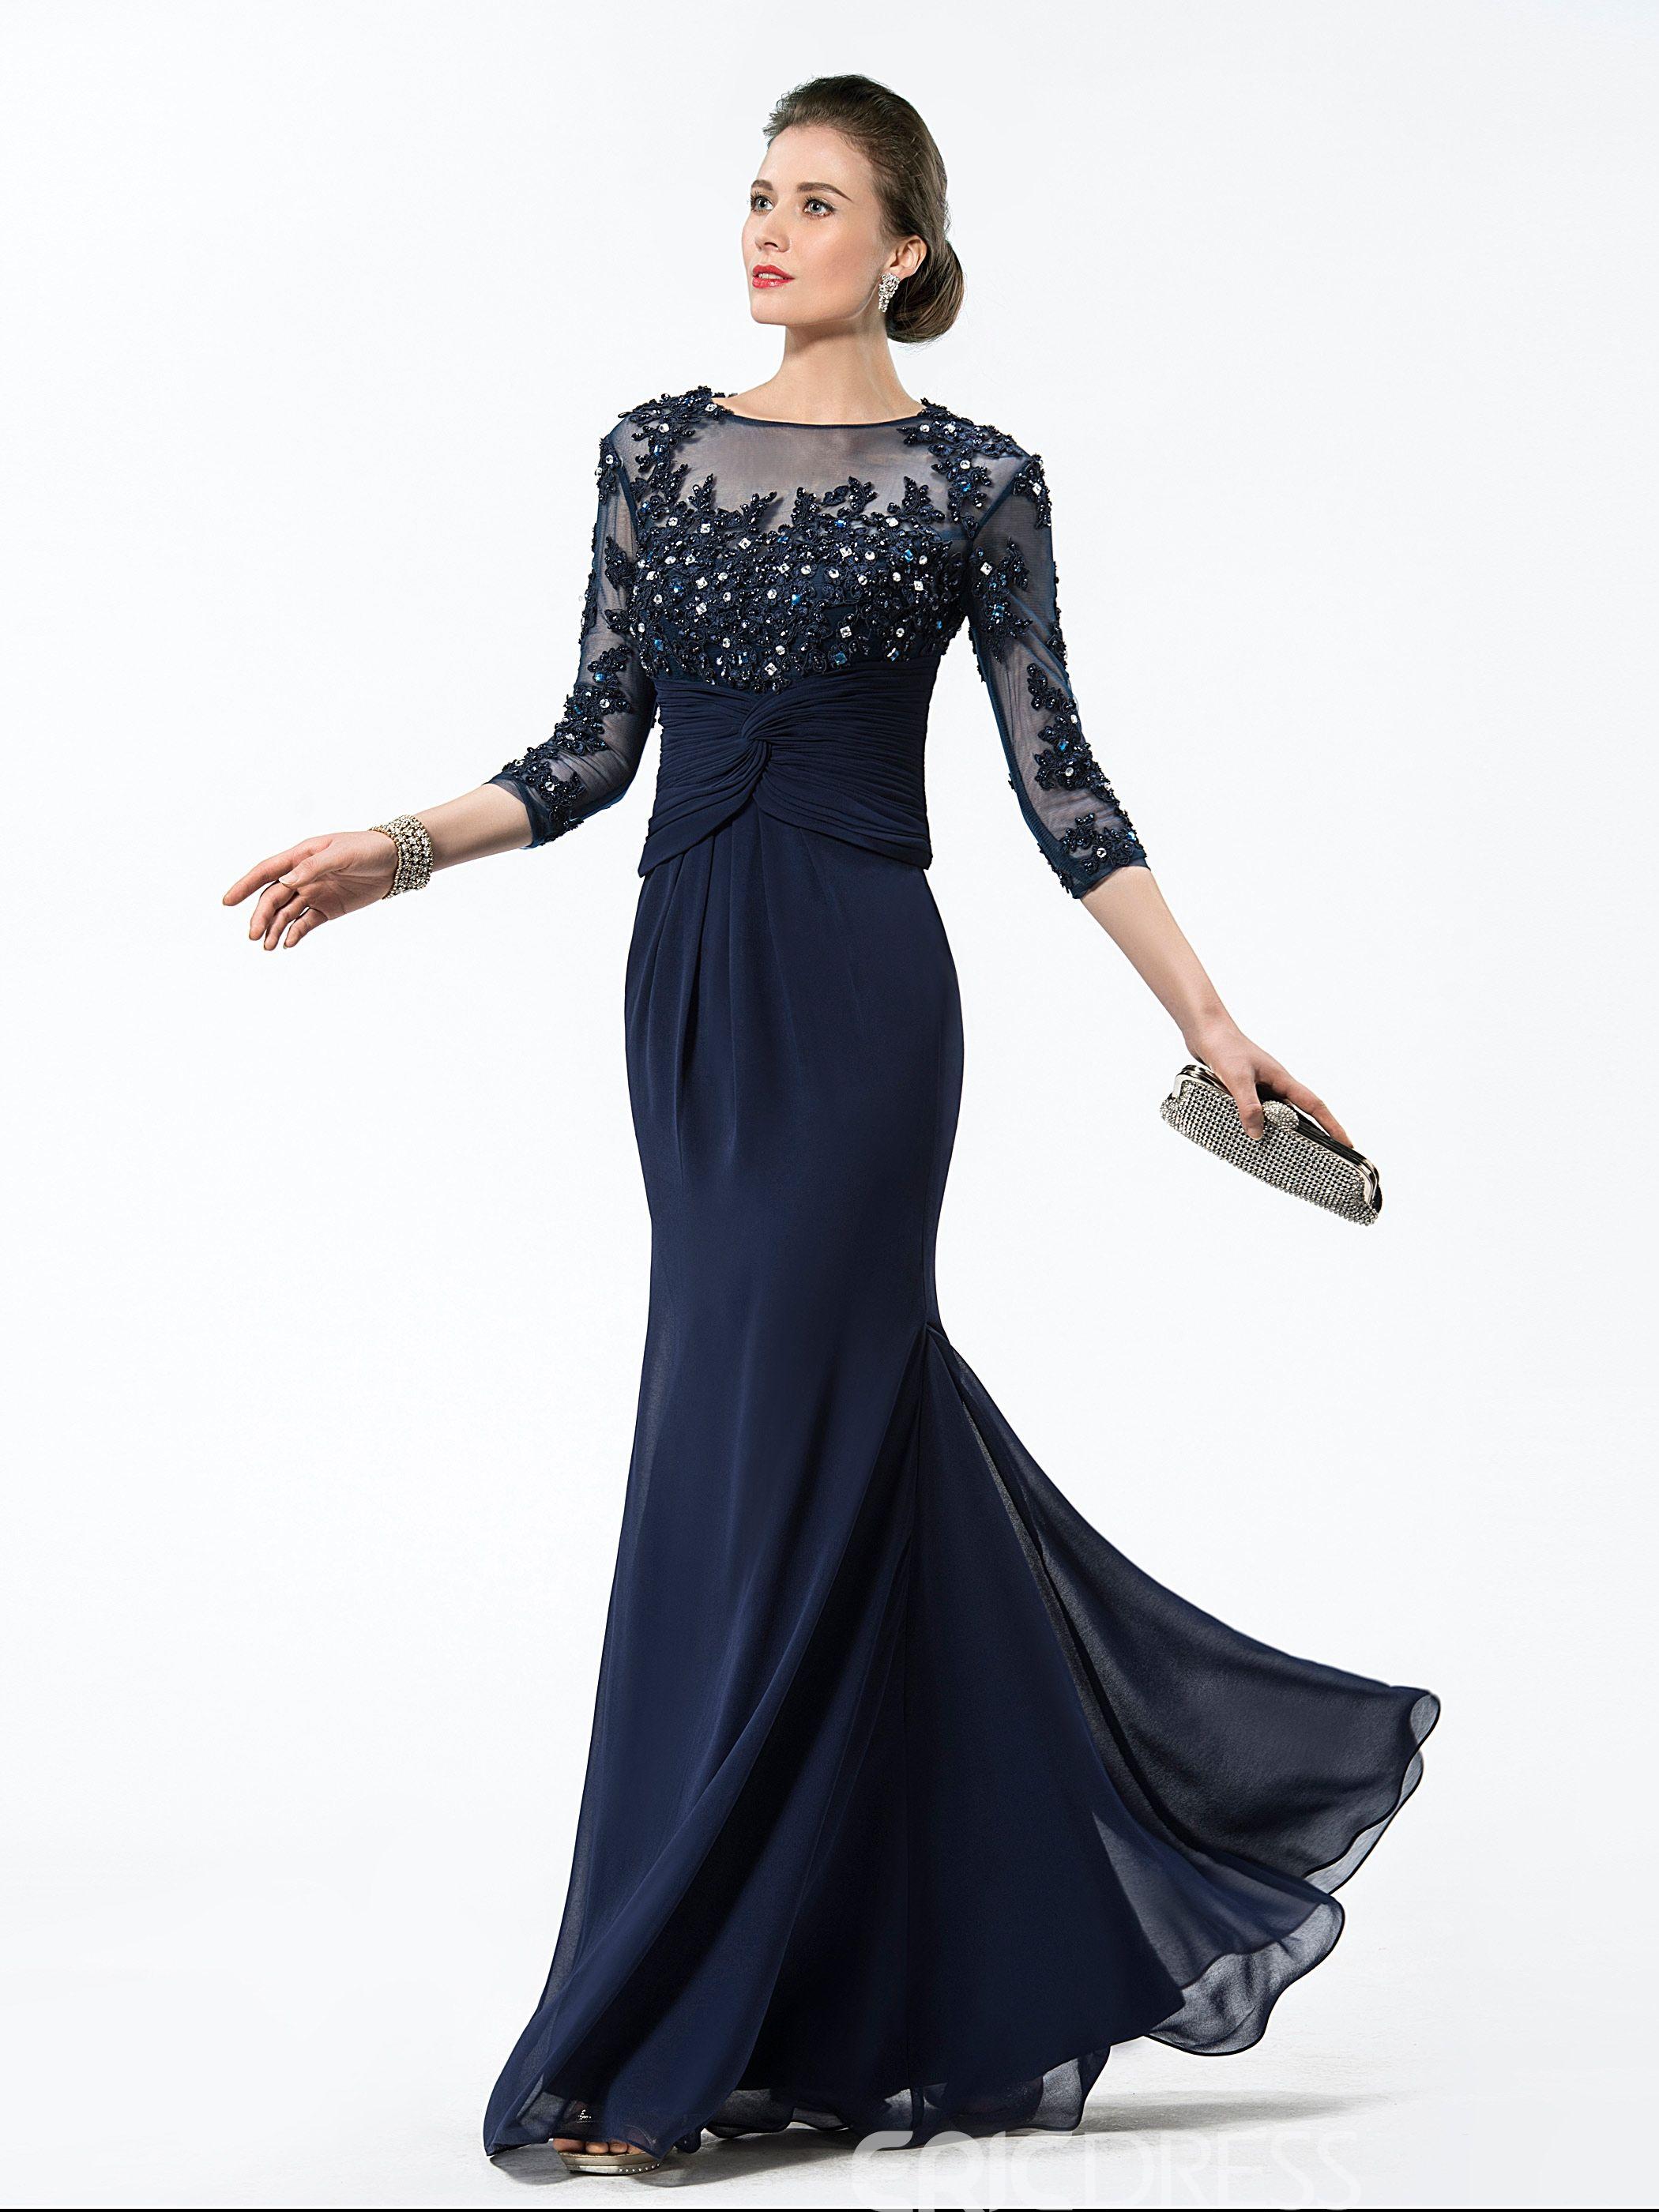 1baf2f0b3b62 Ericdress Jewel Appliques/Sequins Mother Of The Bridal Dress ...